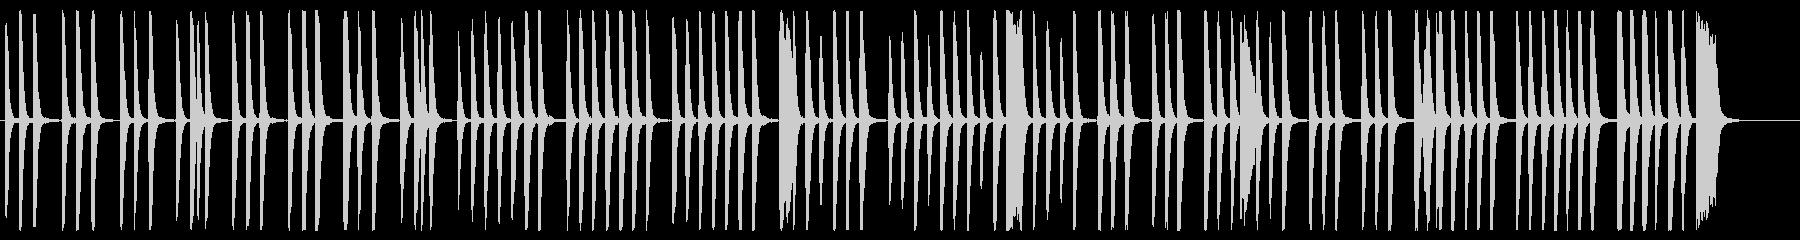 優しくシンプルでリズミカルなピアノの調べの未再生の波形